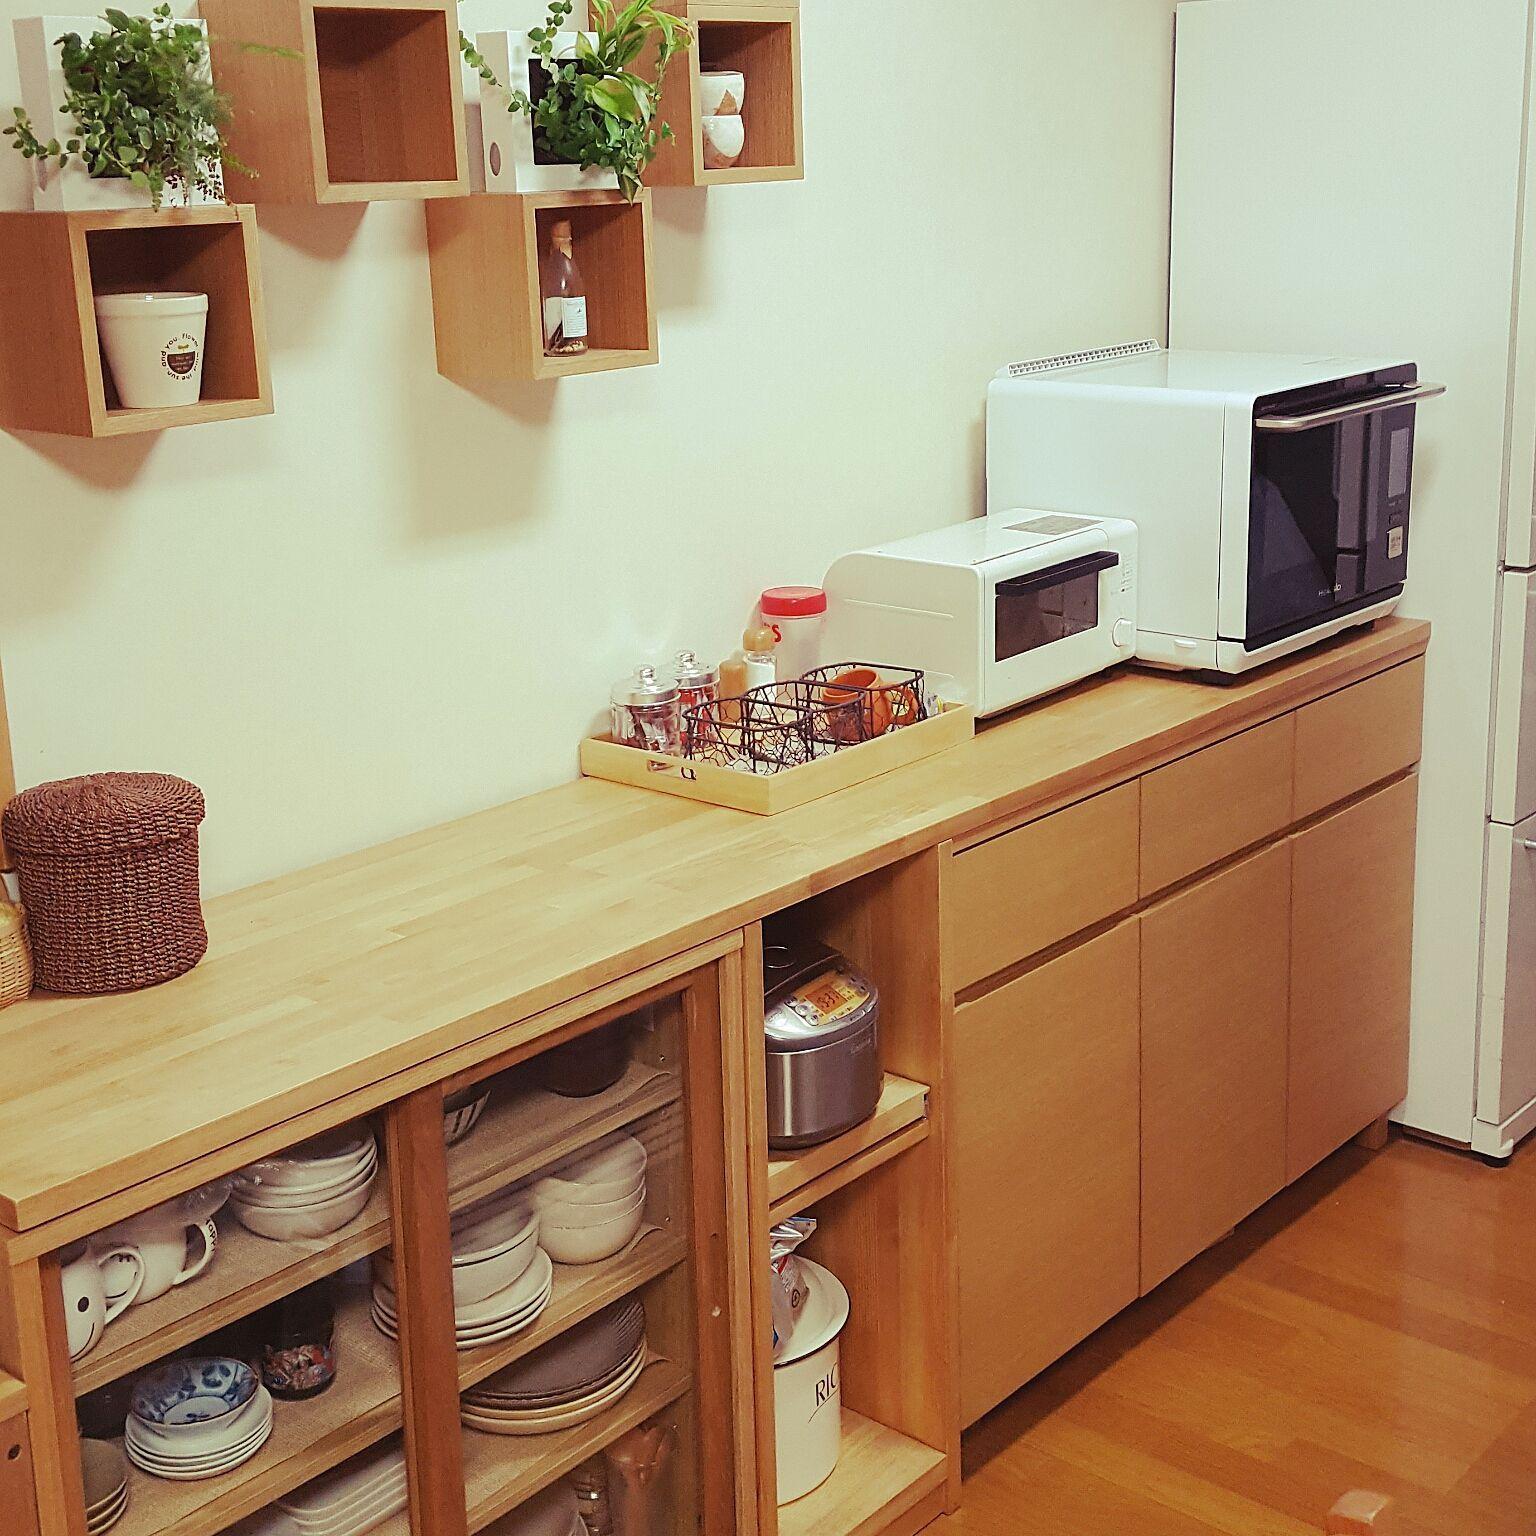 キッチン 無印良品 食器棚 無印良品 壁に付けられる家具 ニトリ などのインテリア実例 2016 09 27 16 37 30 Roomclip ルームクリップ 無印良品 食器棚 キッチンアイデア インテリア 収納